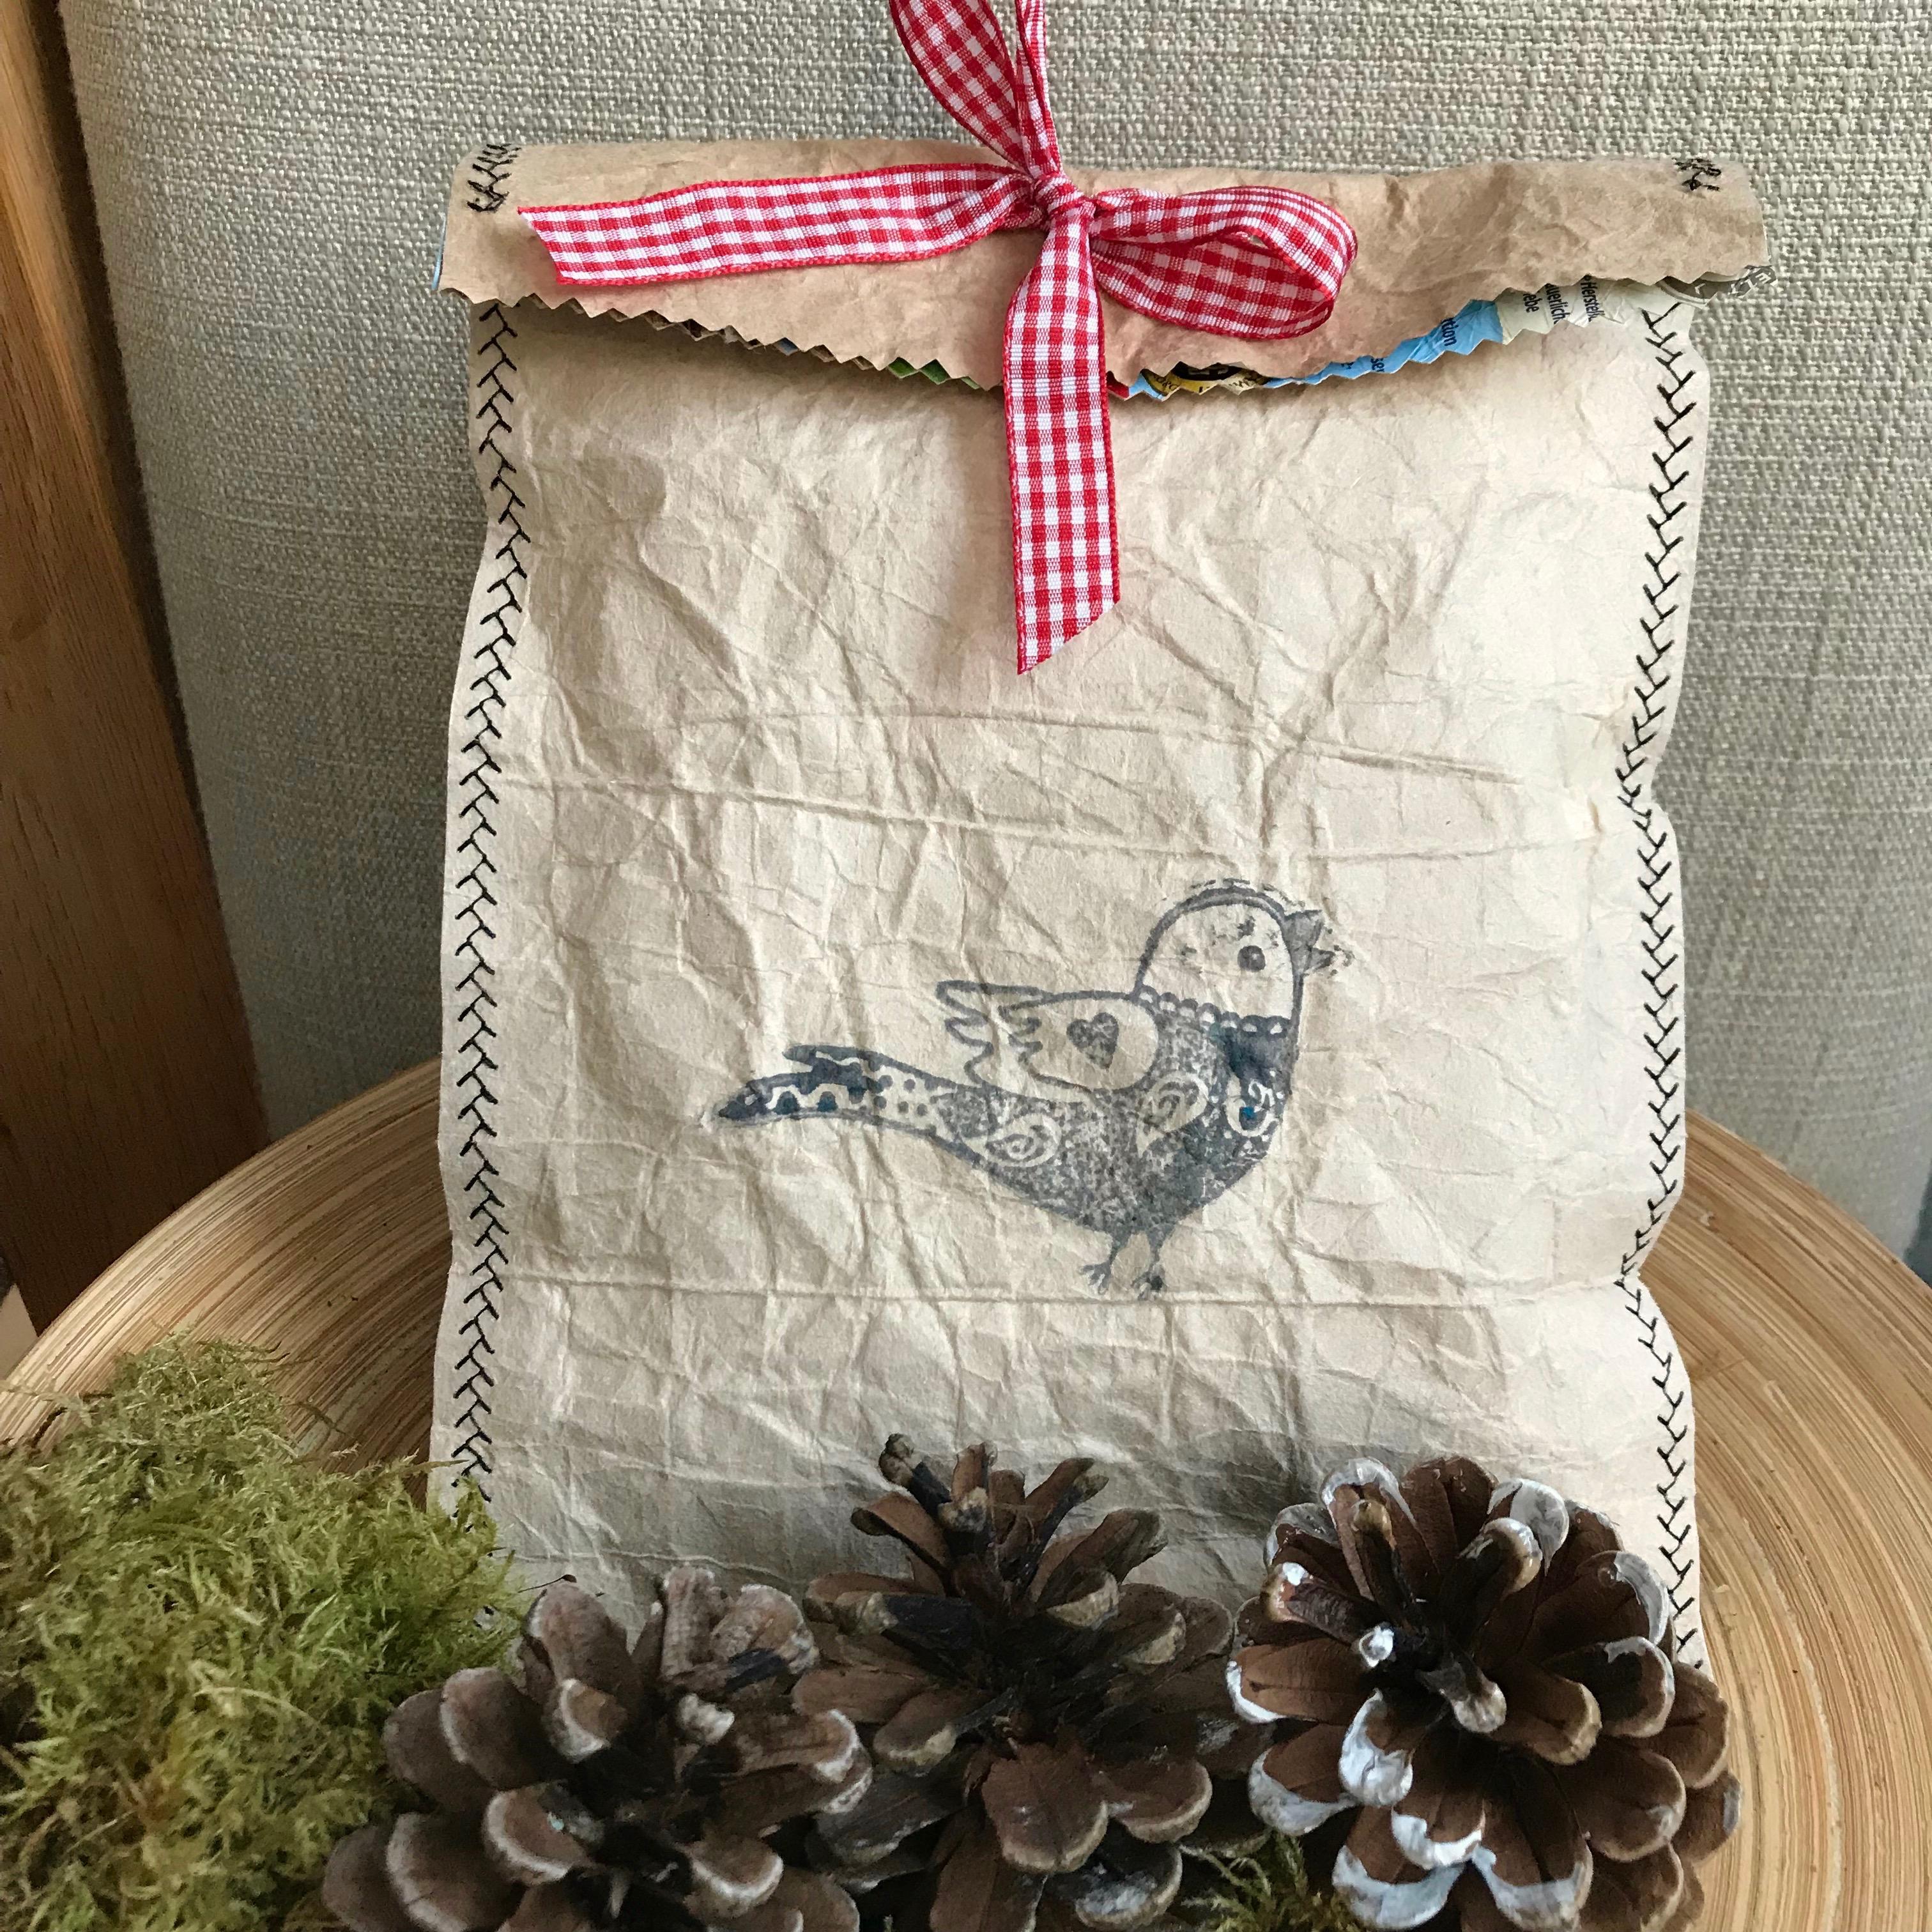 Geschenktüte aus Tetrapak basteln, Anleitung für ein Upcycling DIY Geschenktüte für Geburtstag oder Weihnachten